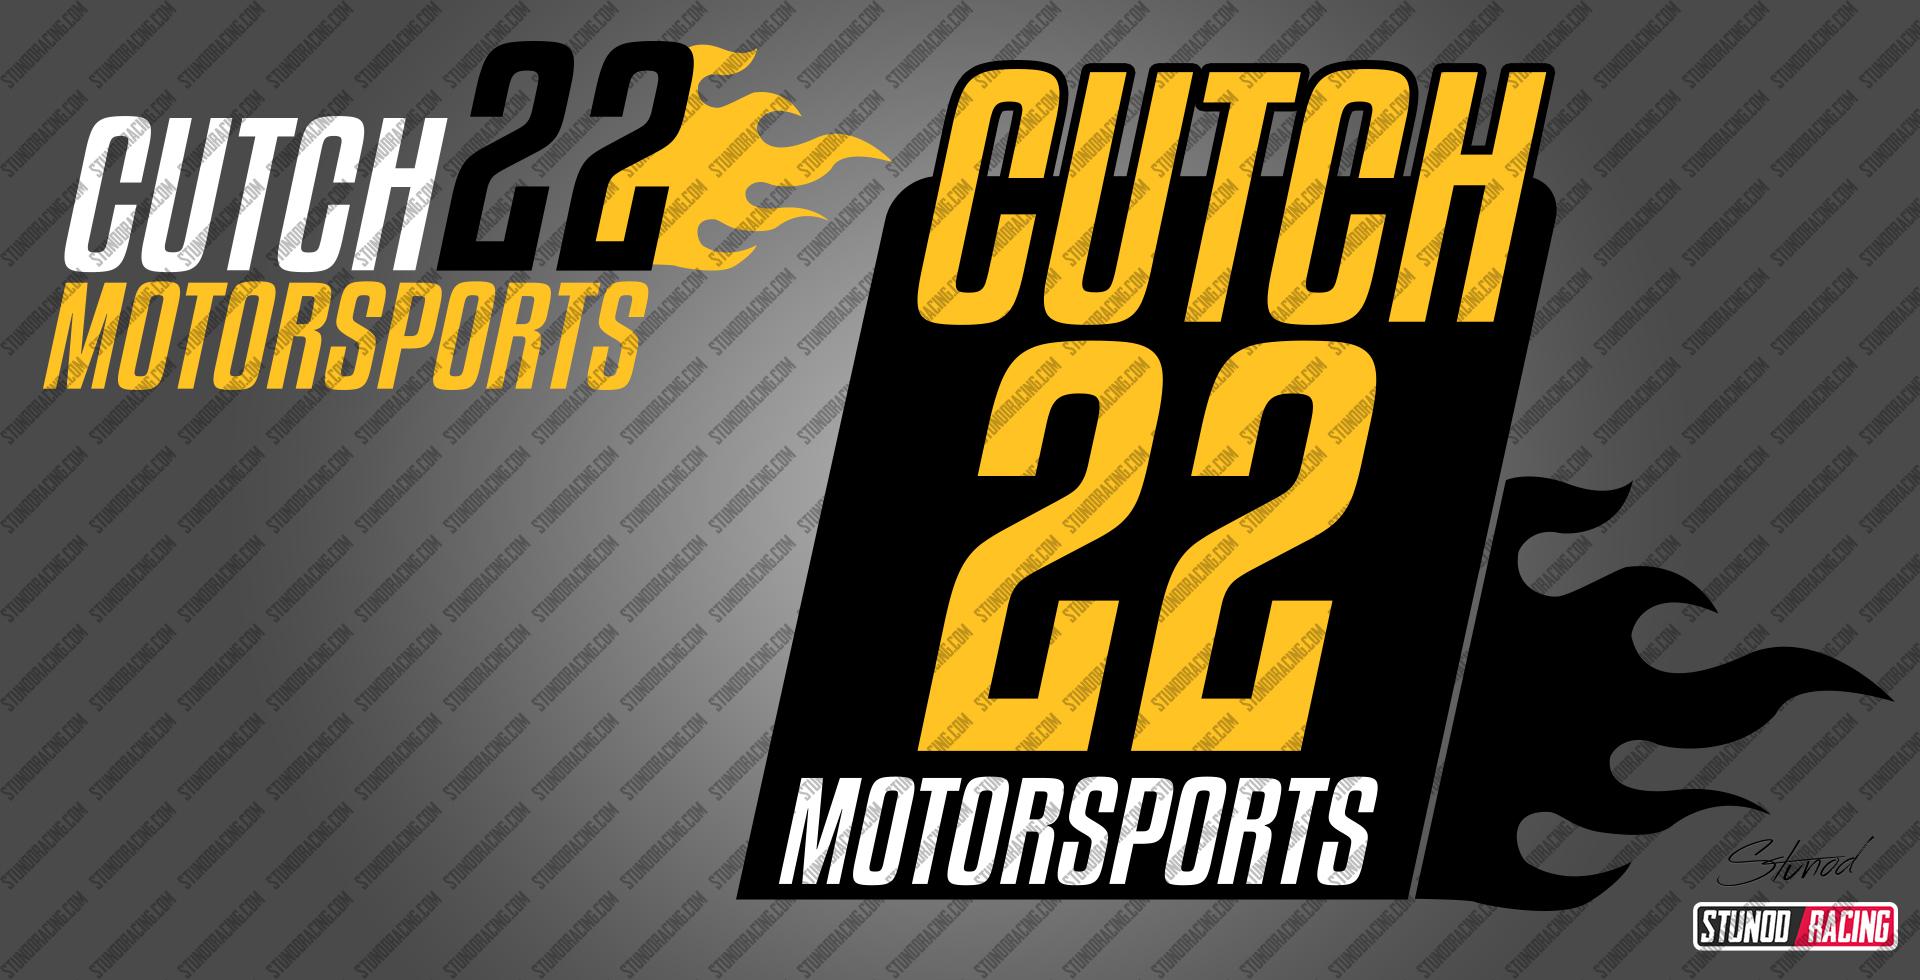 Cutch22Motorsports-Logo.jpg